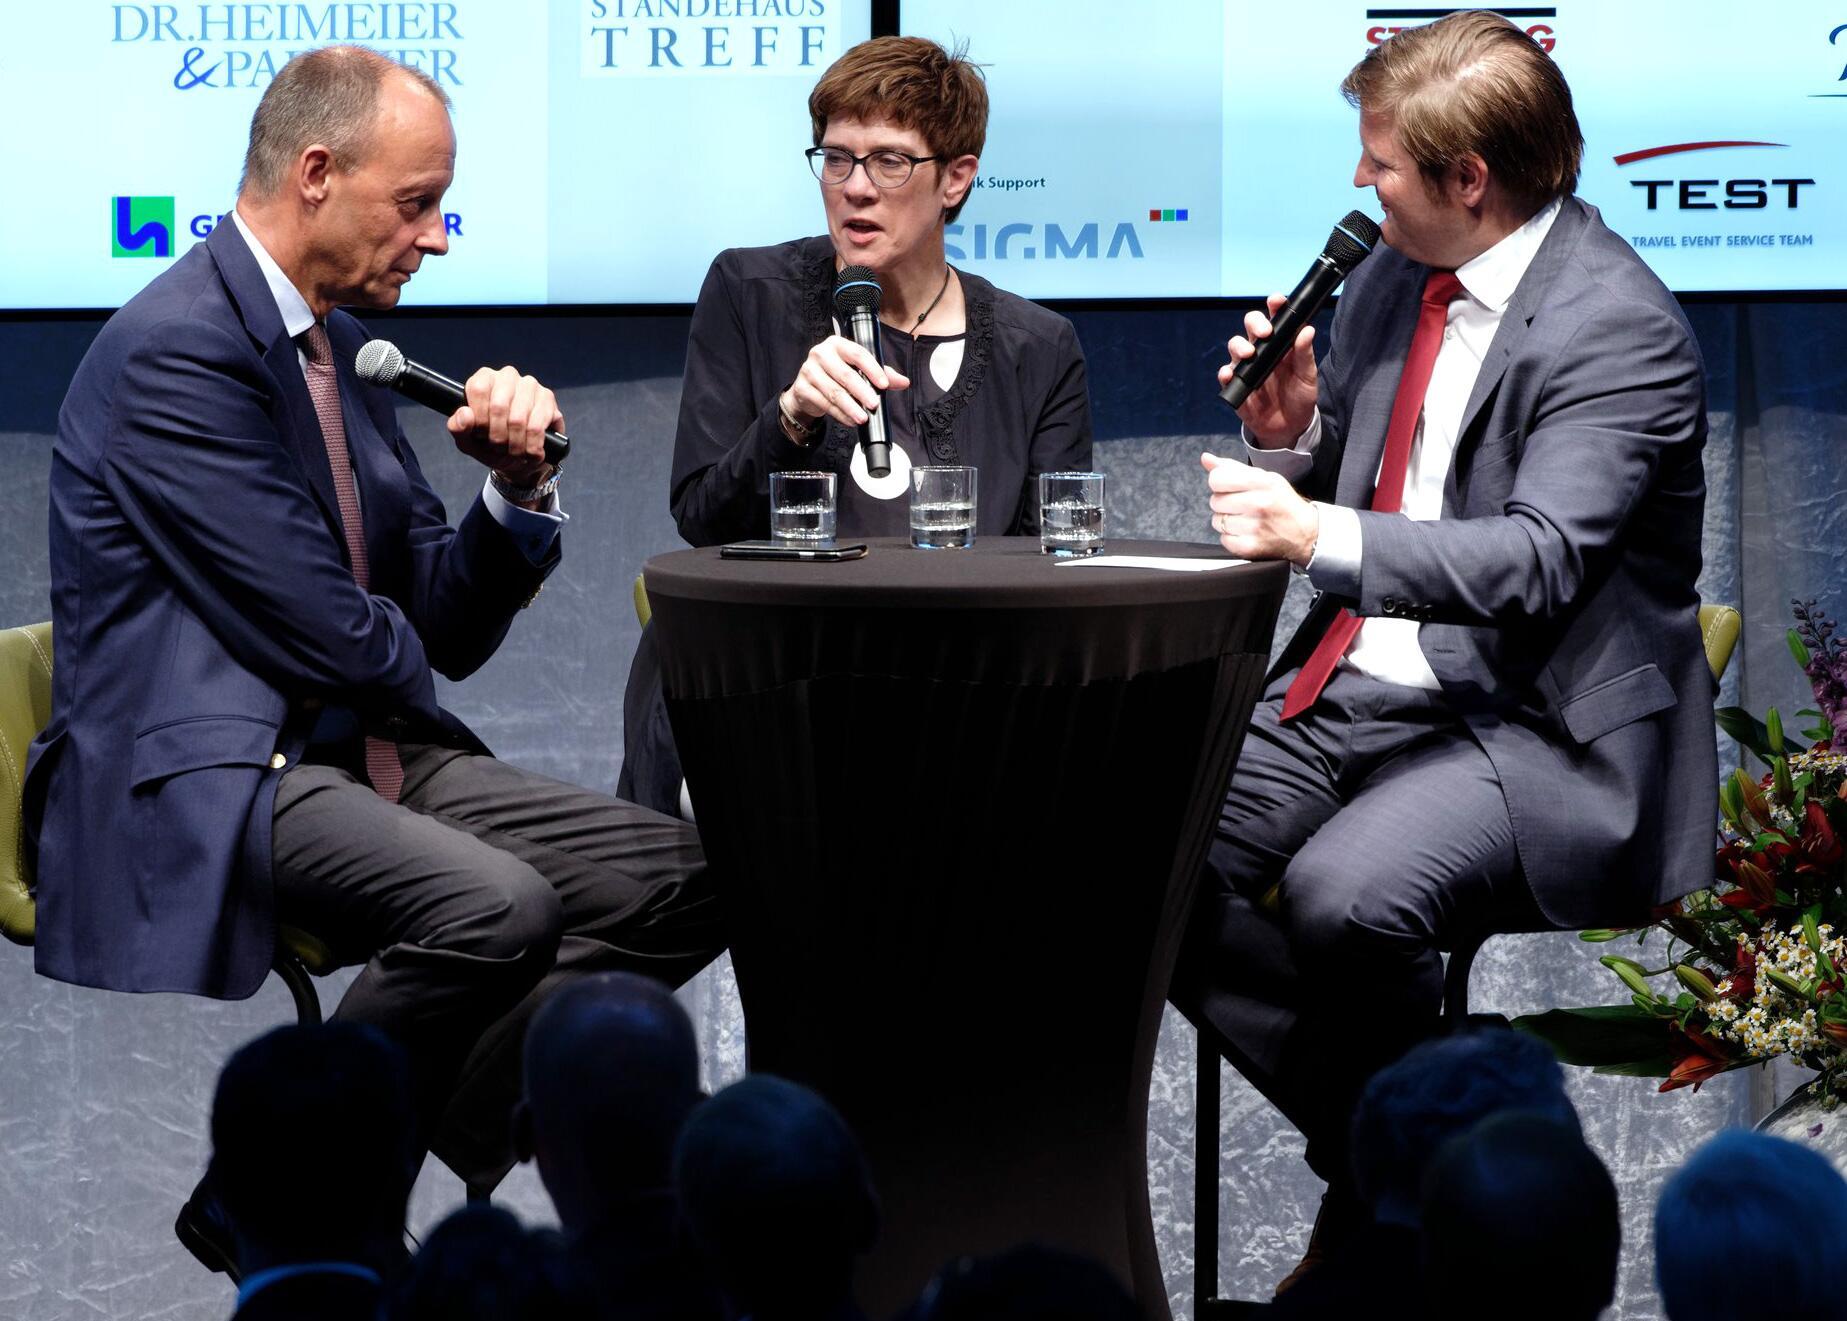 Bild zu CDU leader Annegret Kramp-Karrrenbauer at the Ständehausreff der